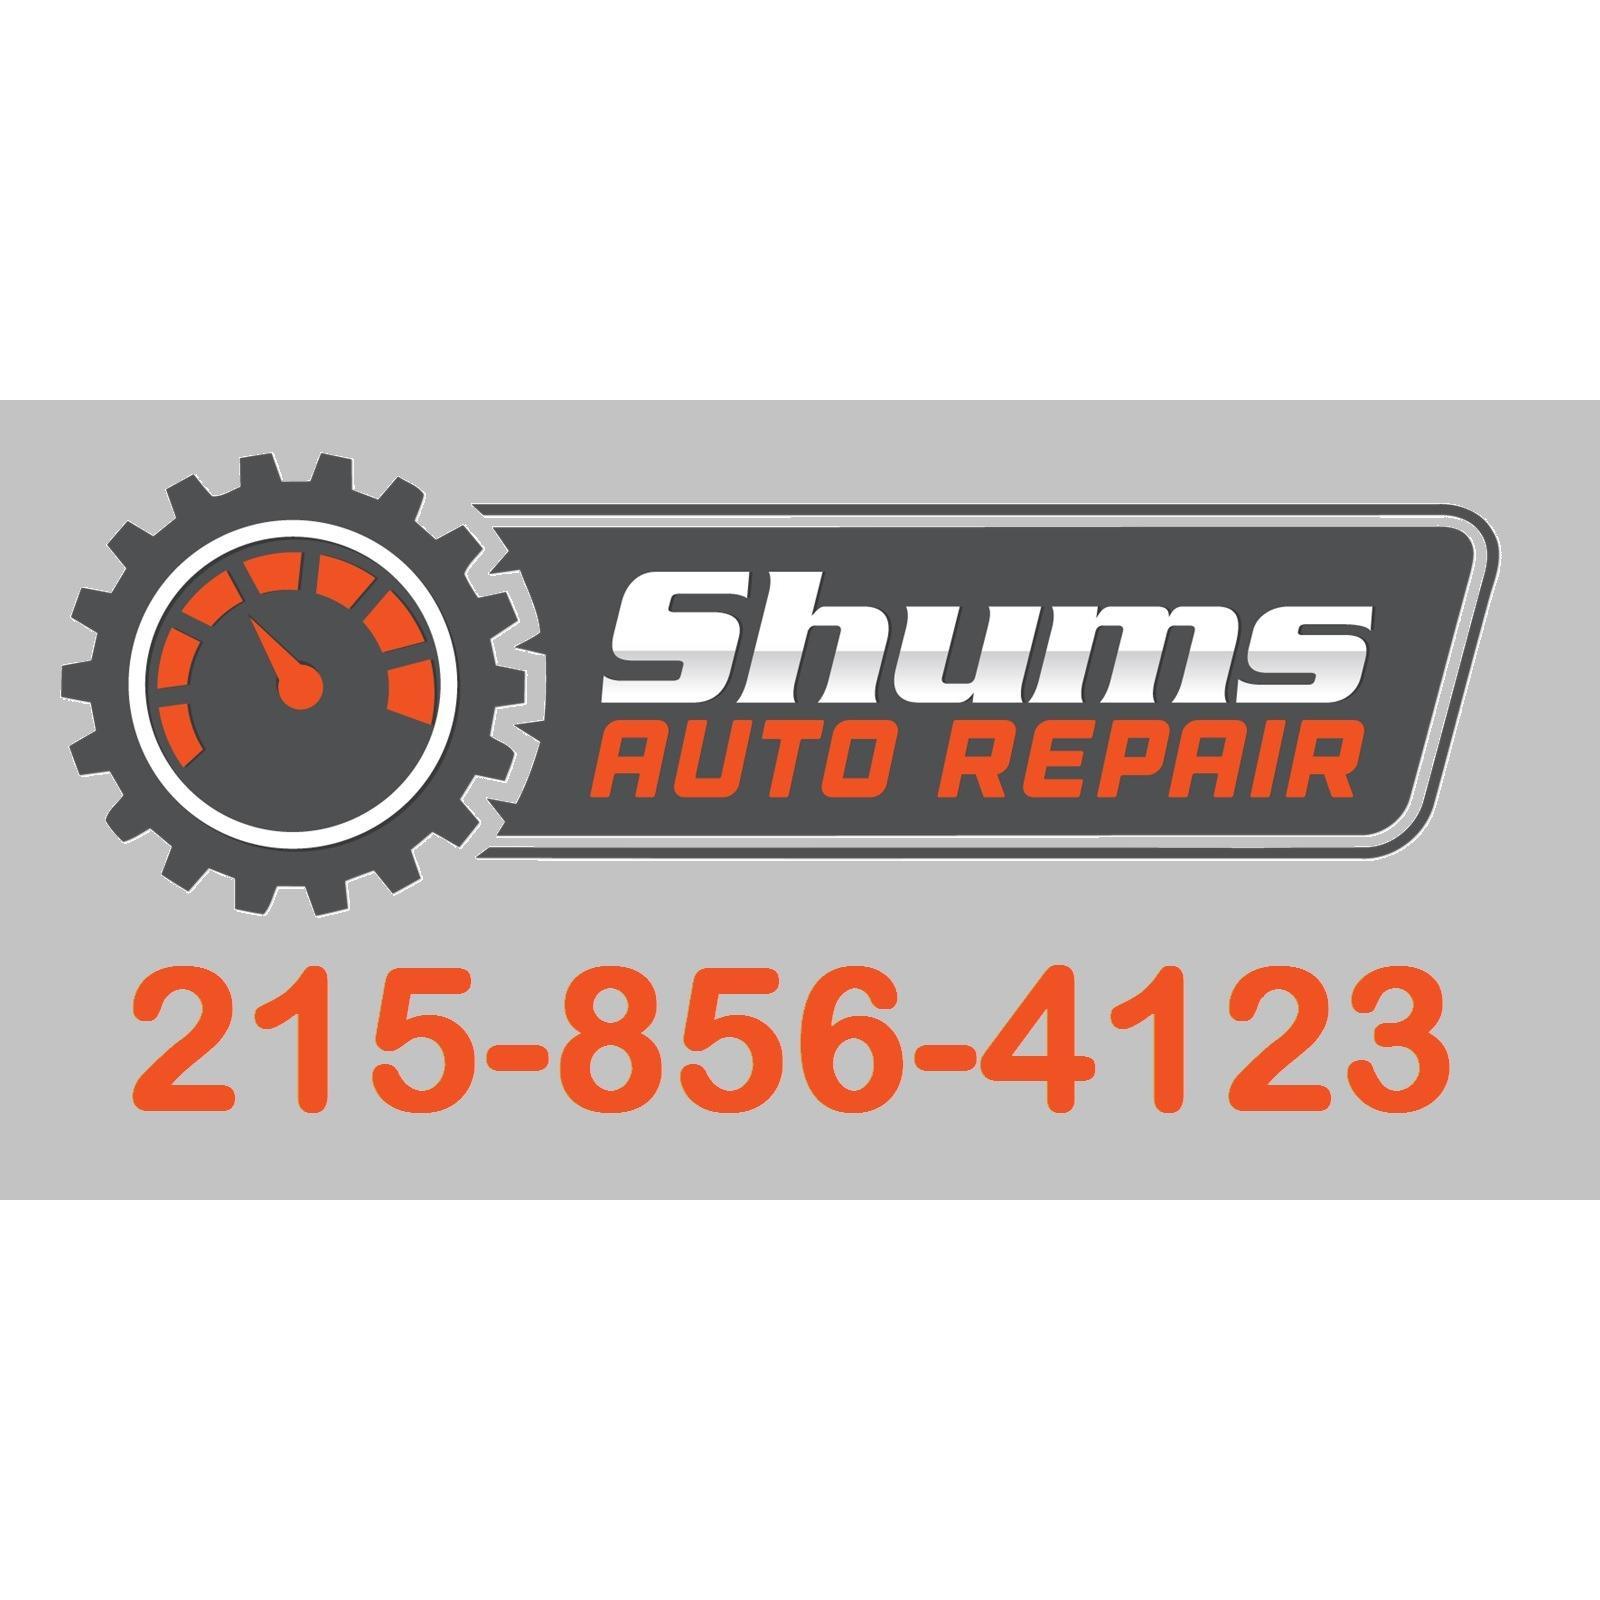 Shums Auto Repair